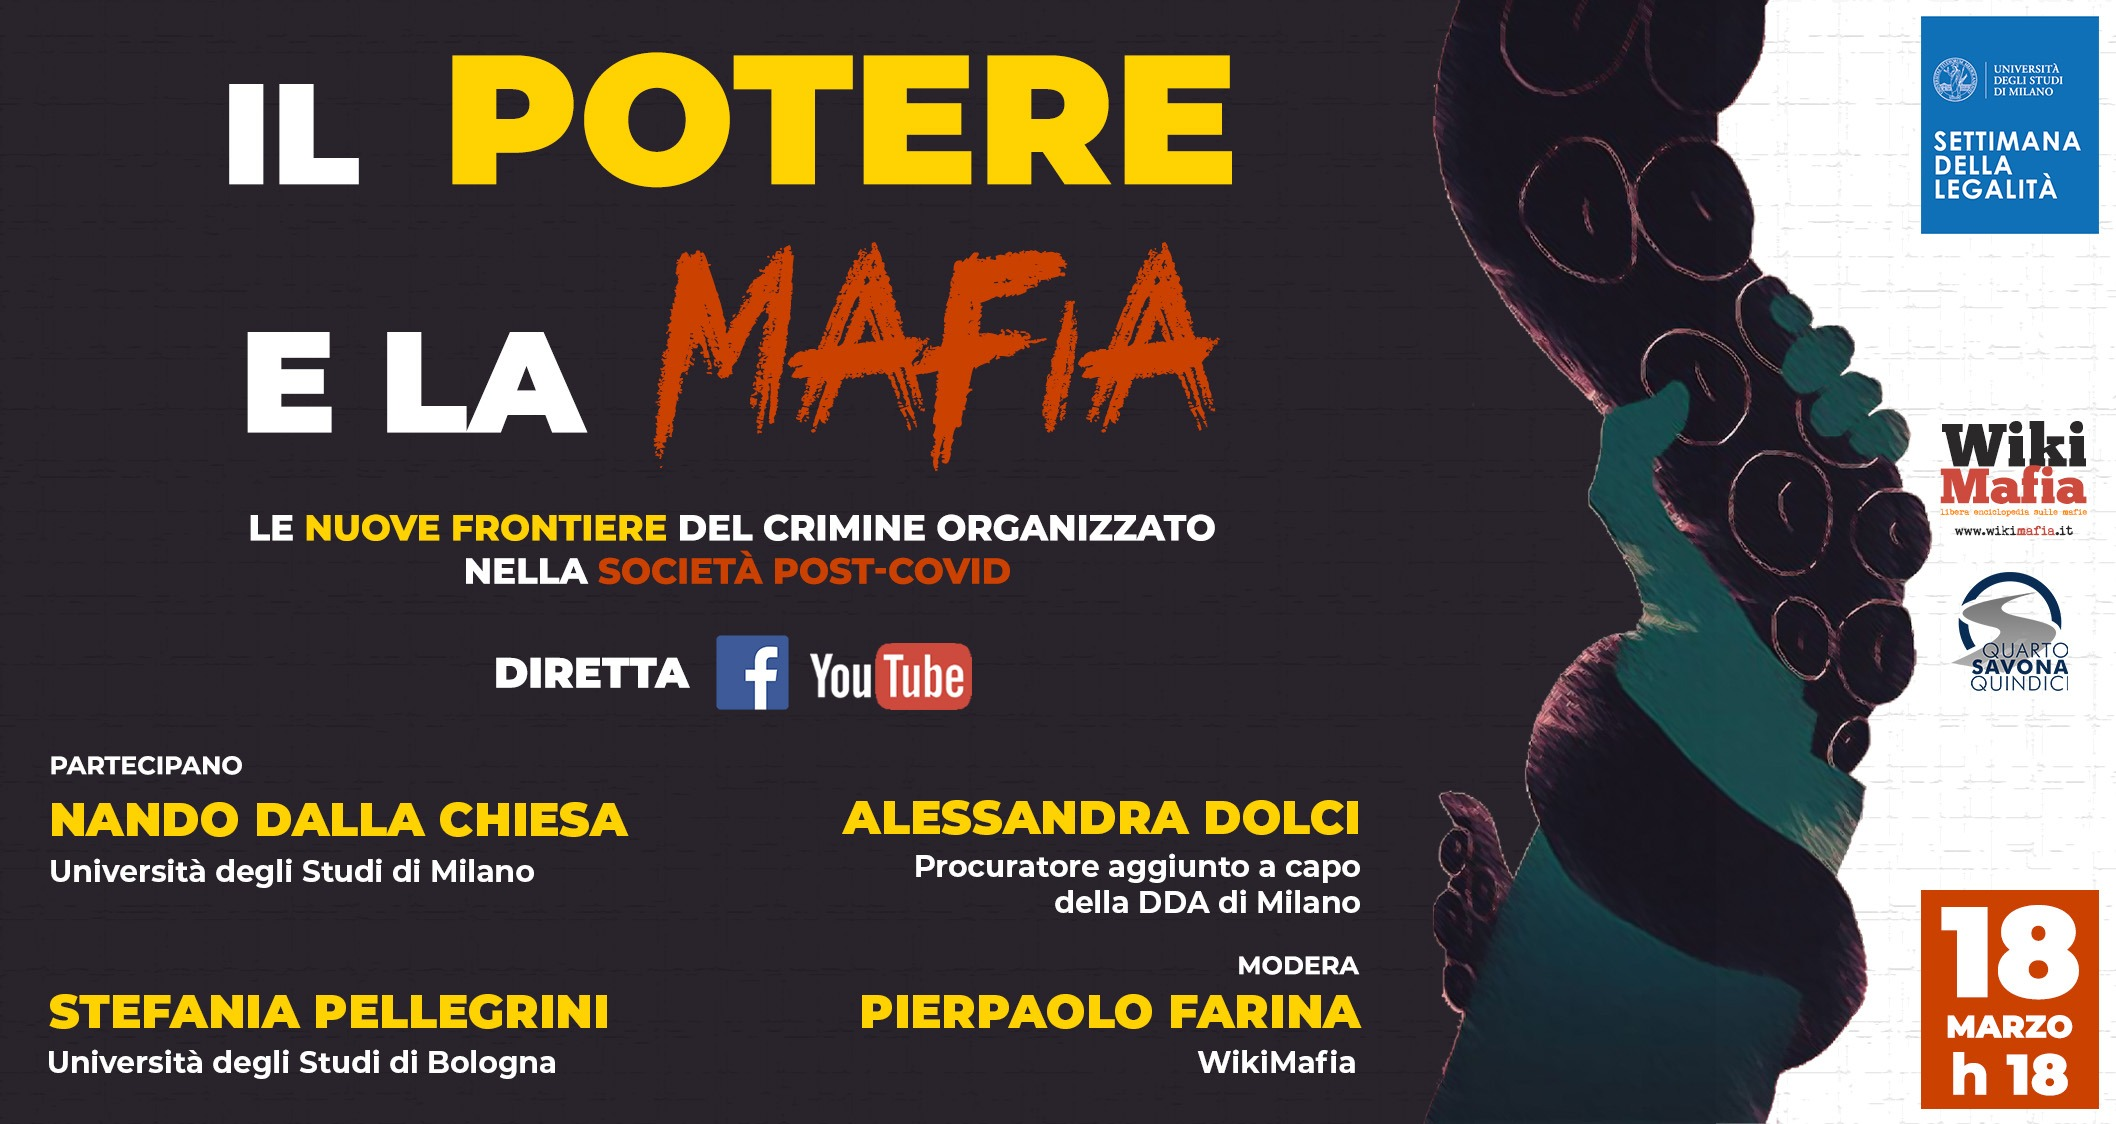 Il Potere e la Mafia